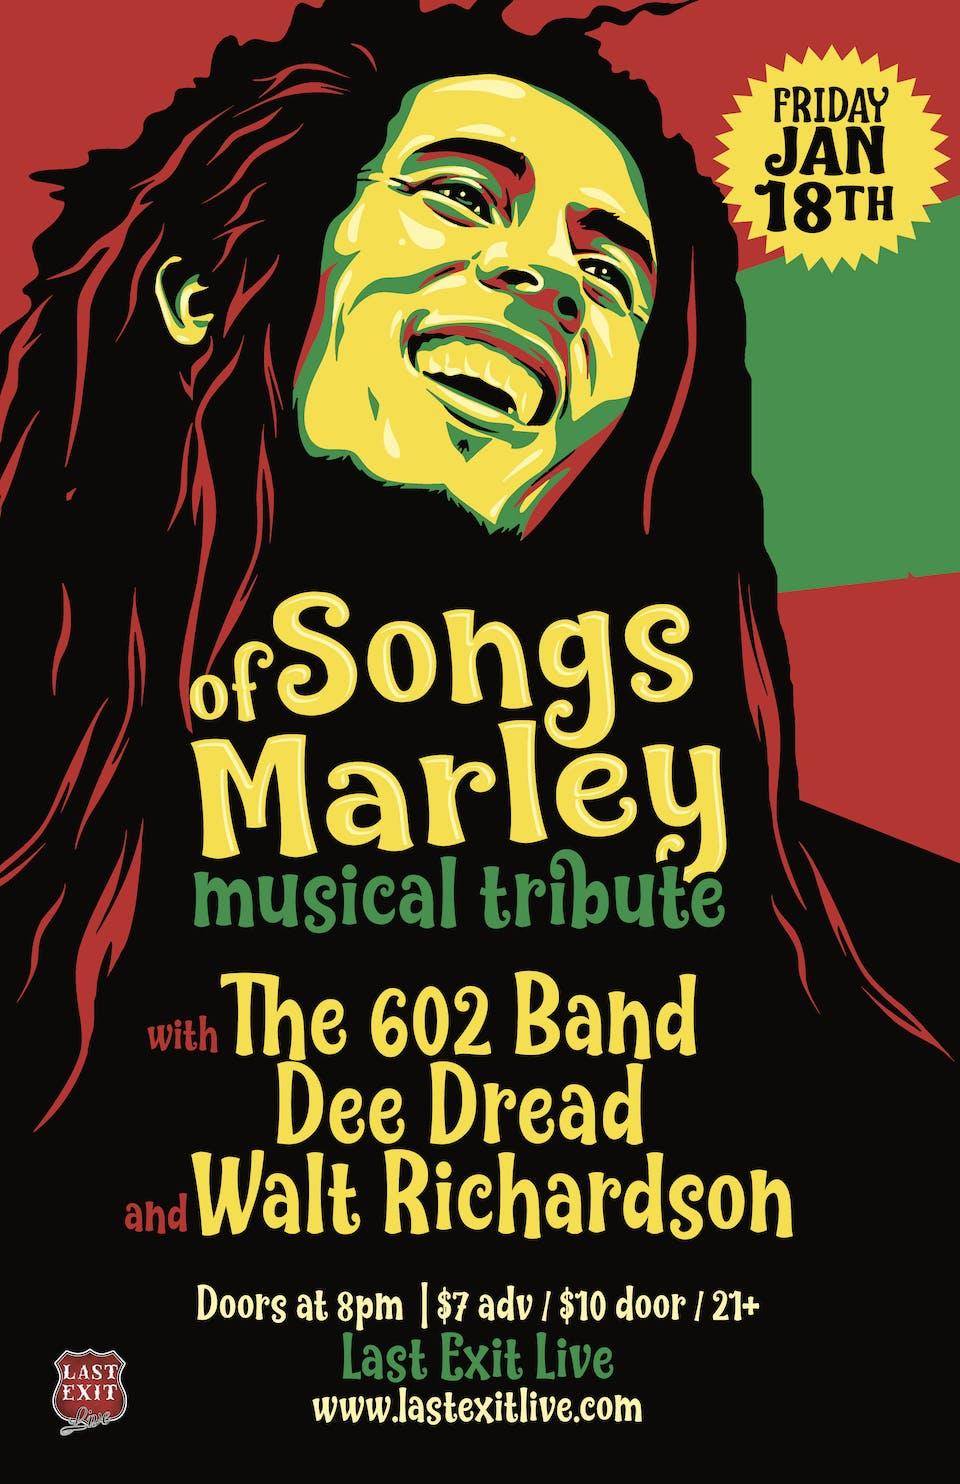 Songs of Marley